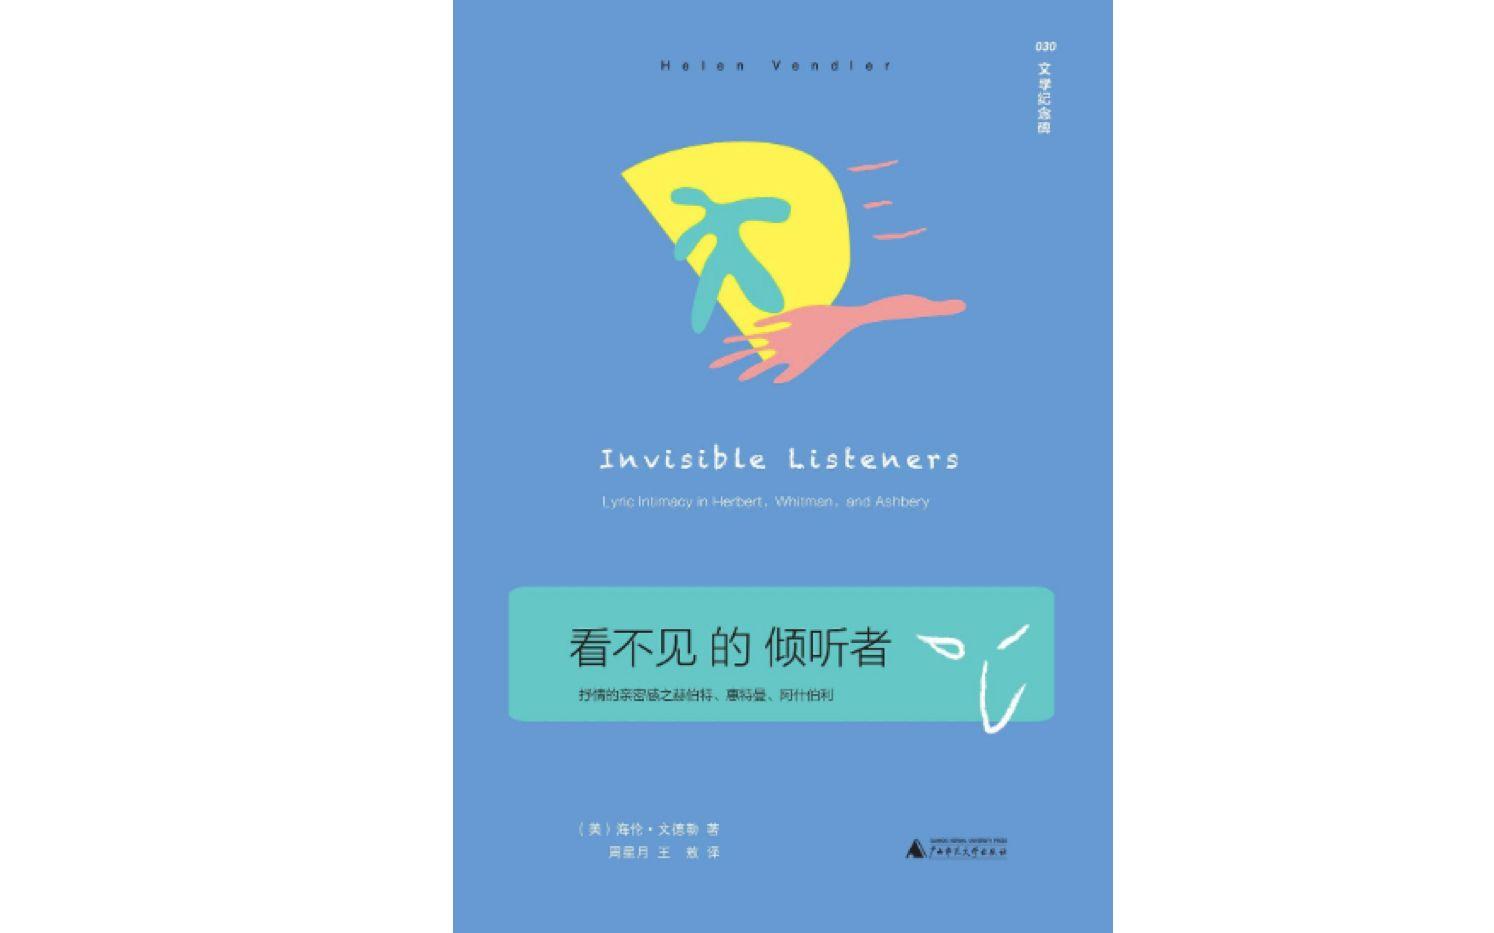 http://www.hljold.org.cn/shehuiwanxiang/322680.html